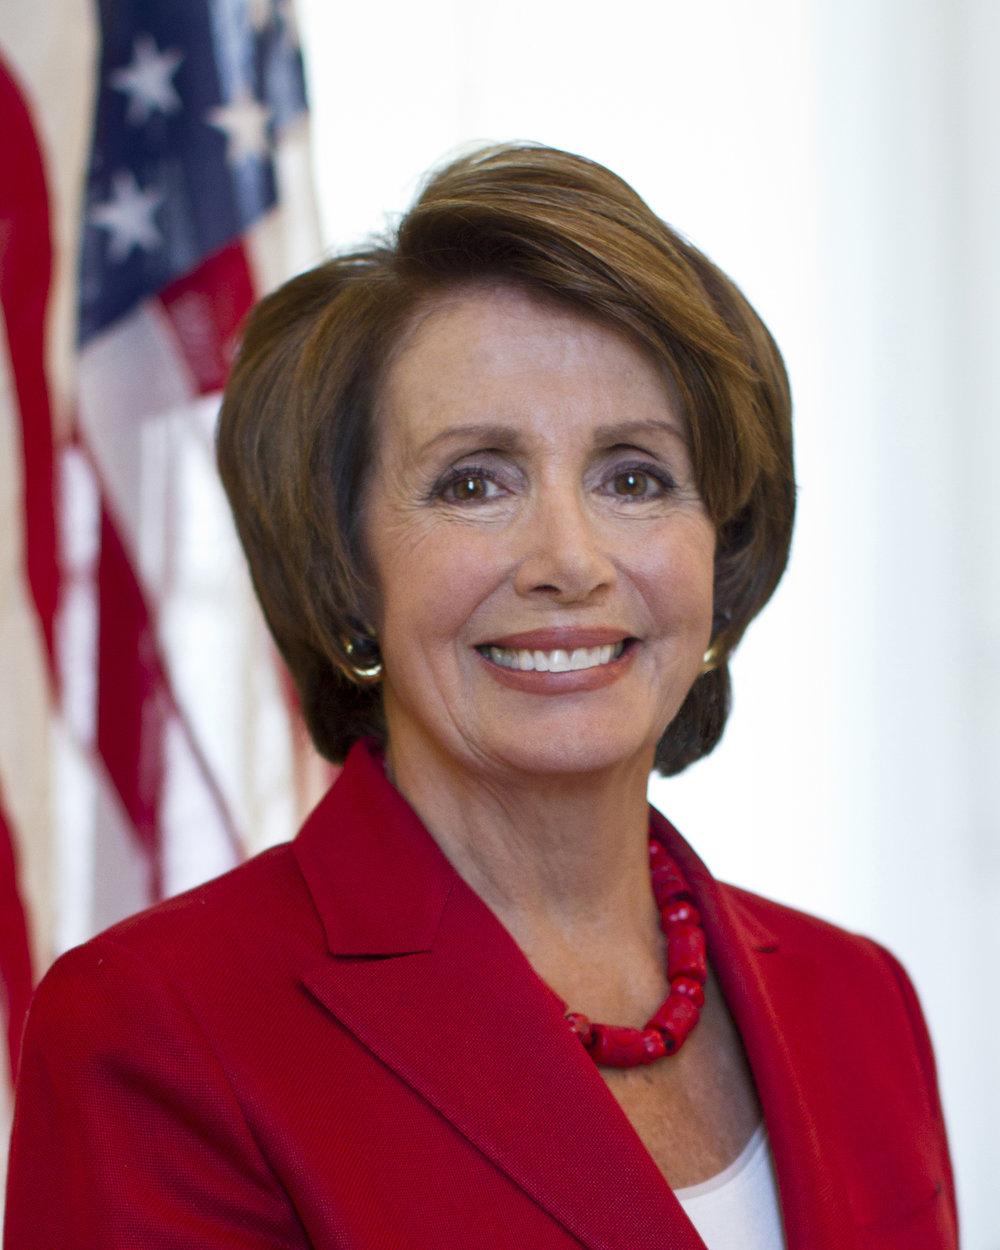 101 Nancy_Pelosi_2012.jpg